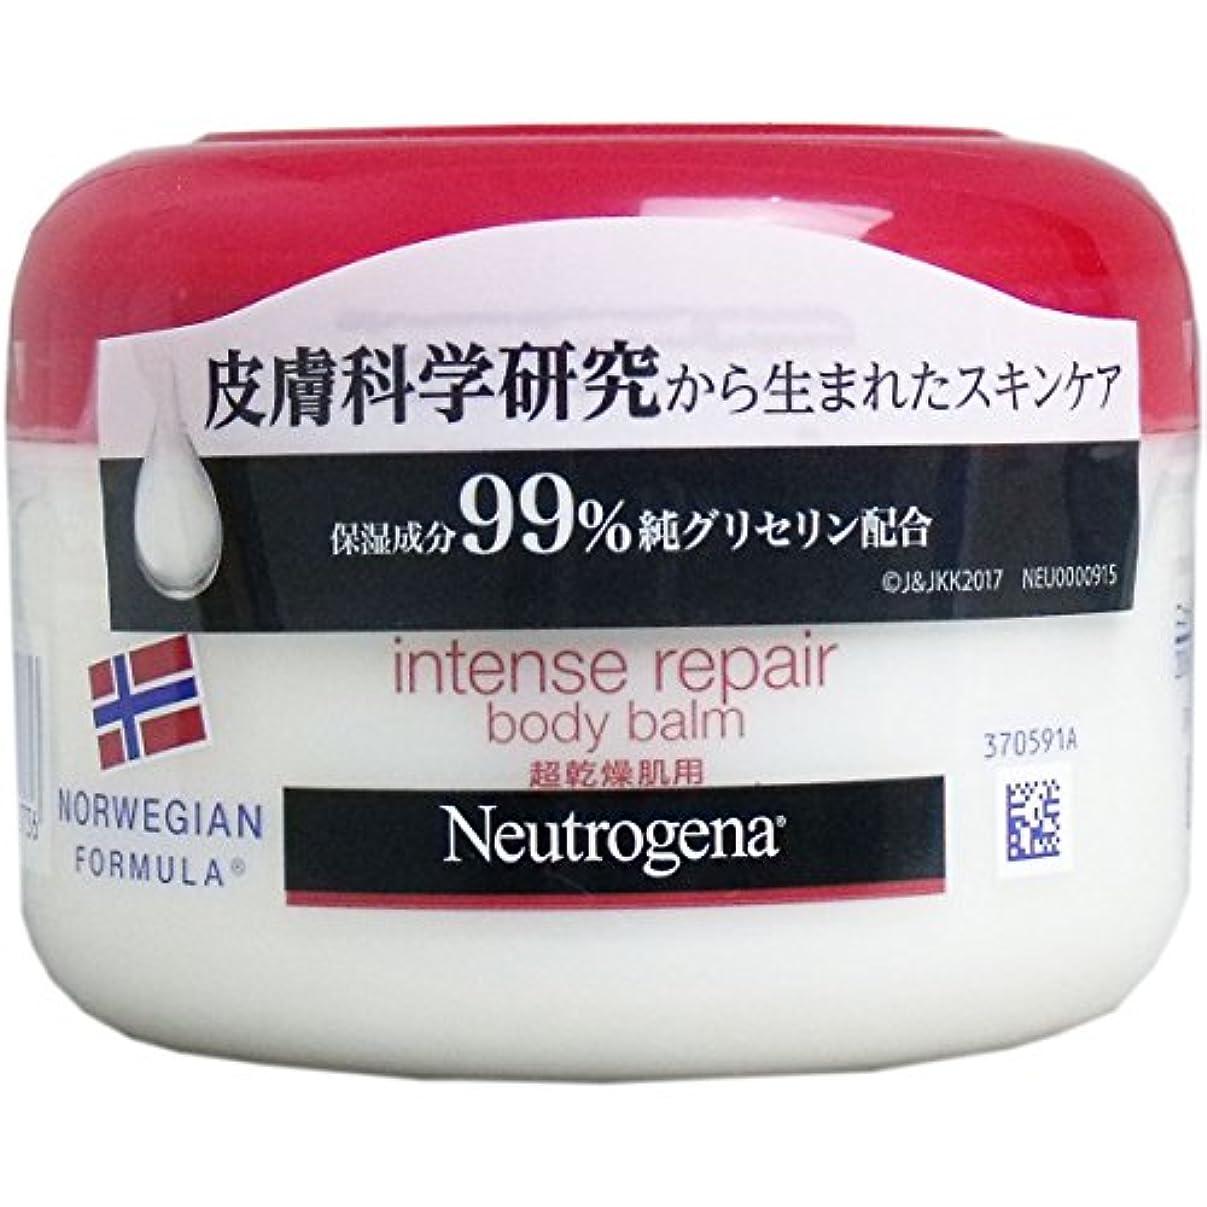 ニュートロジーナ ノルウェーフォーミュラ インテンスリペア ボディバーム 200mL 【並行輸入品】